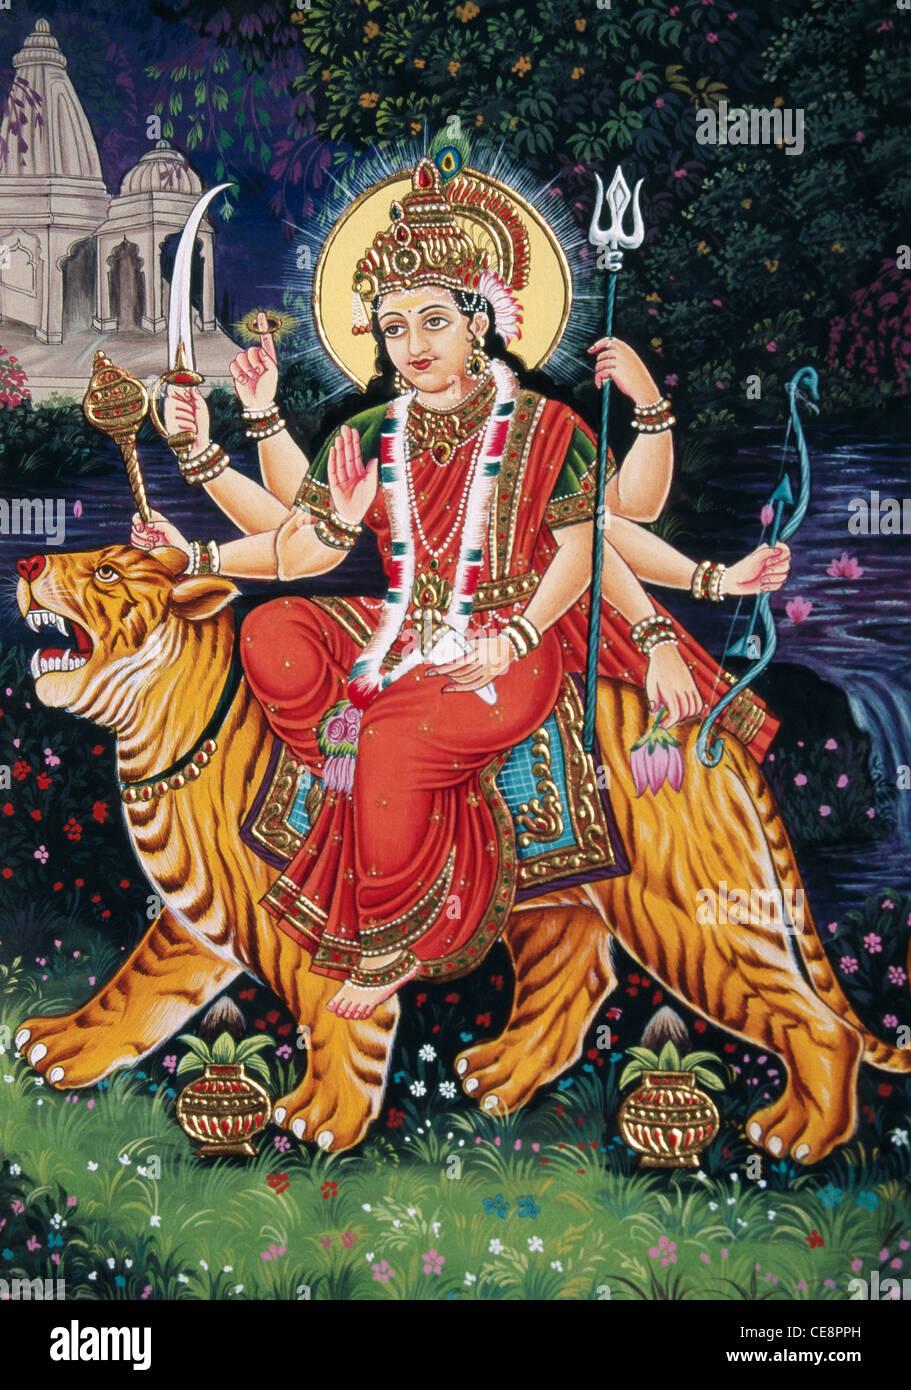 Indische Göttin Durga Sitzen Auf Tiger Miniaturmalerei Auf Papier